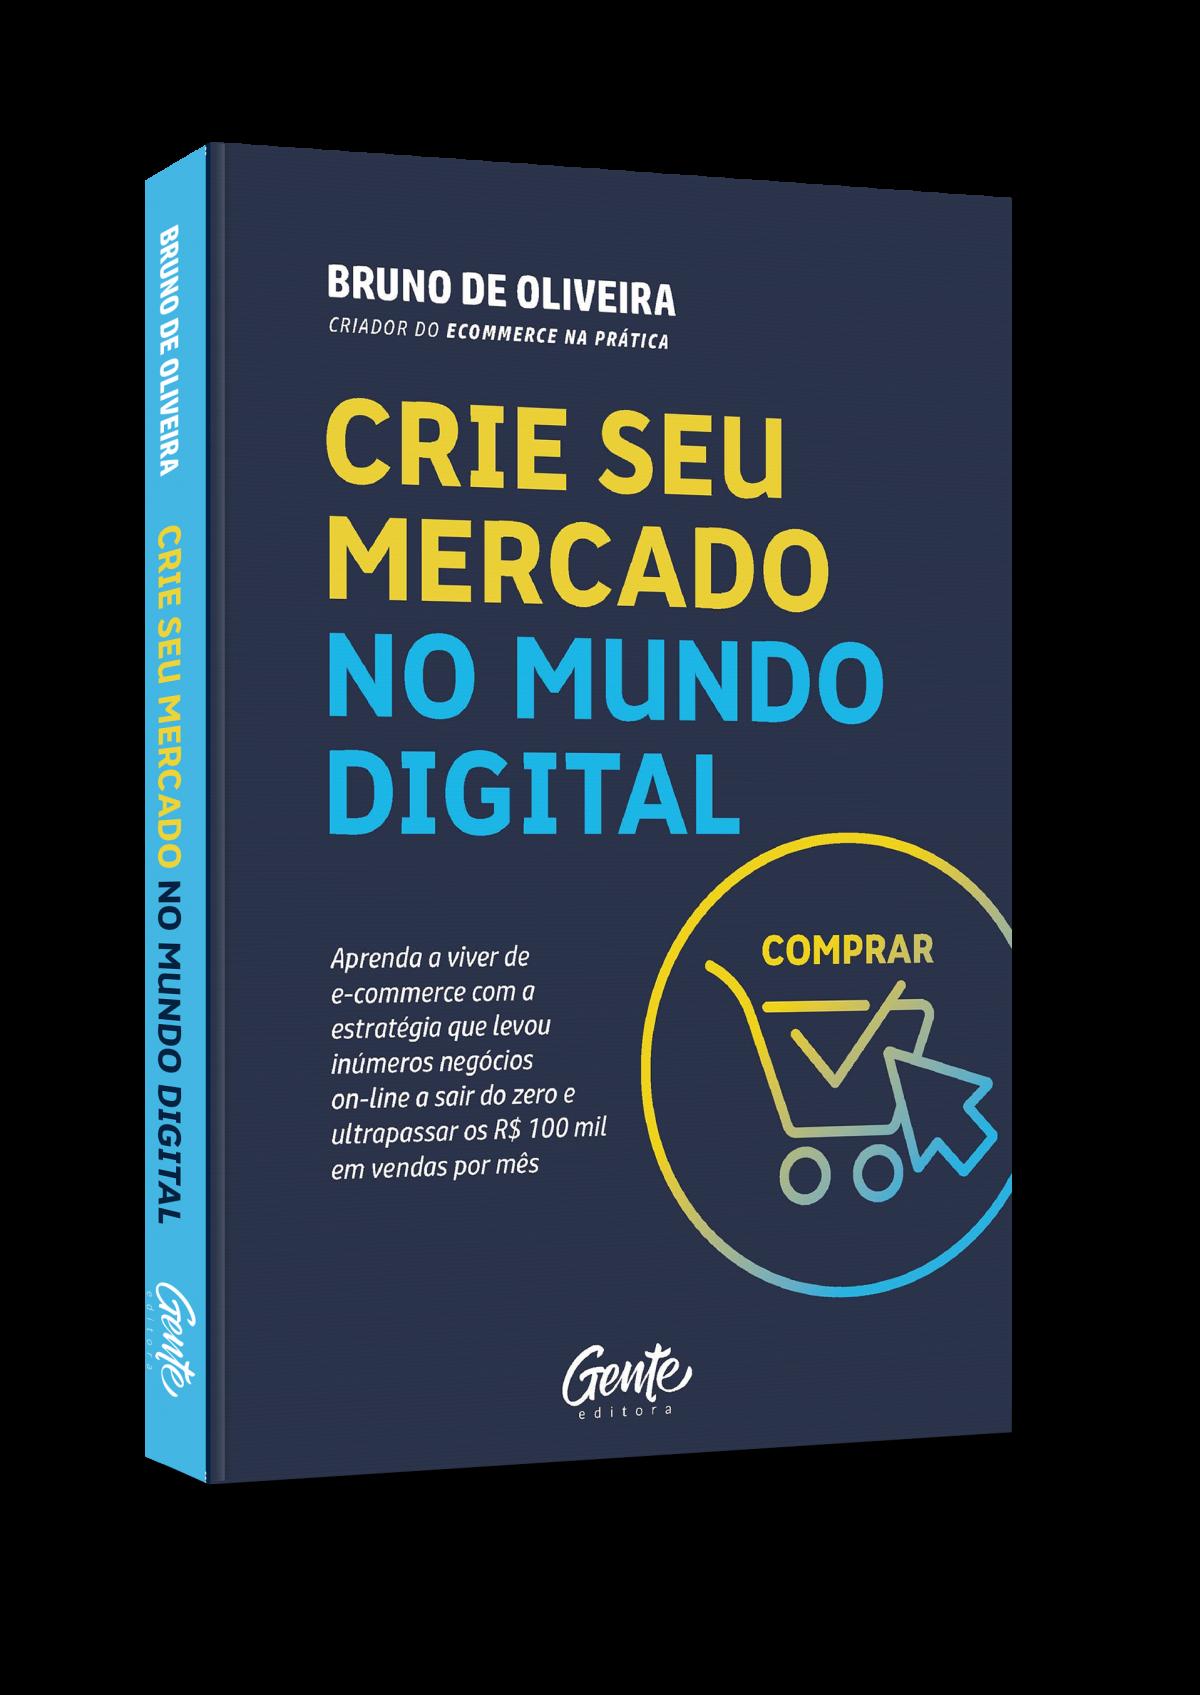 capa do livro crie seu mercado no mundo digital